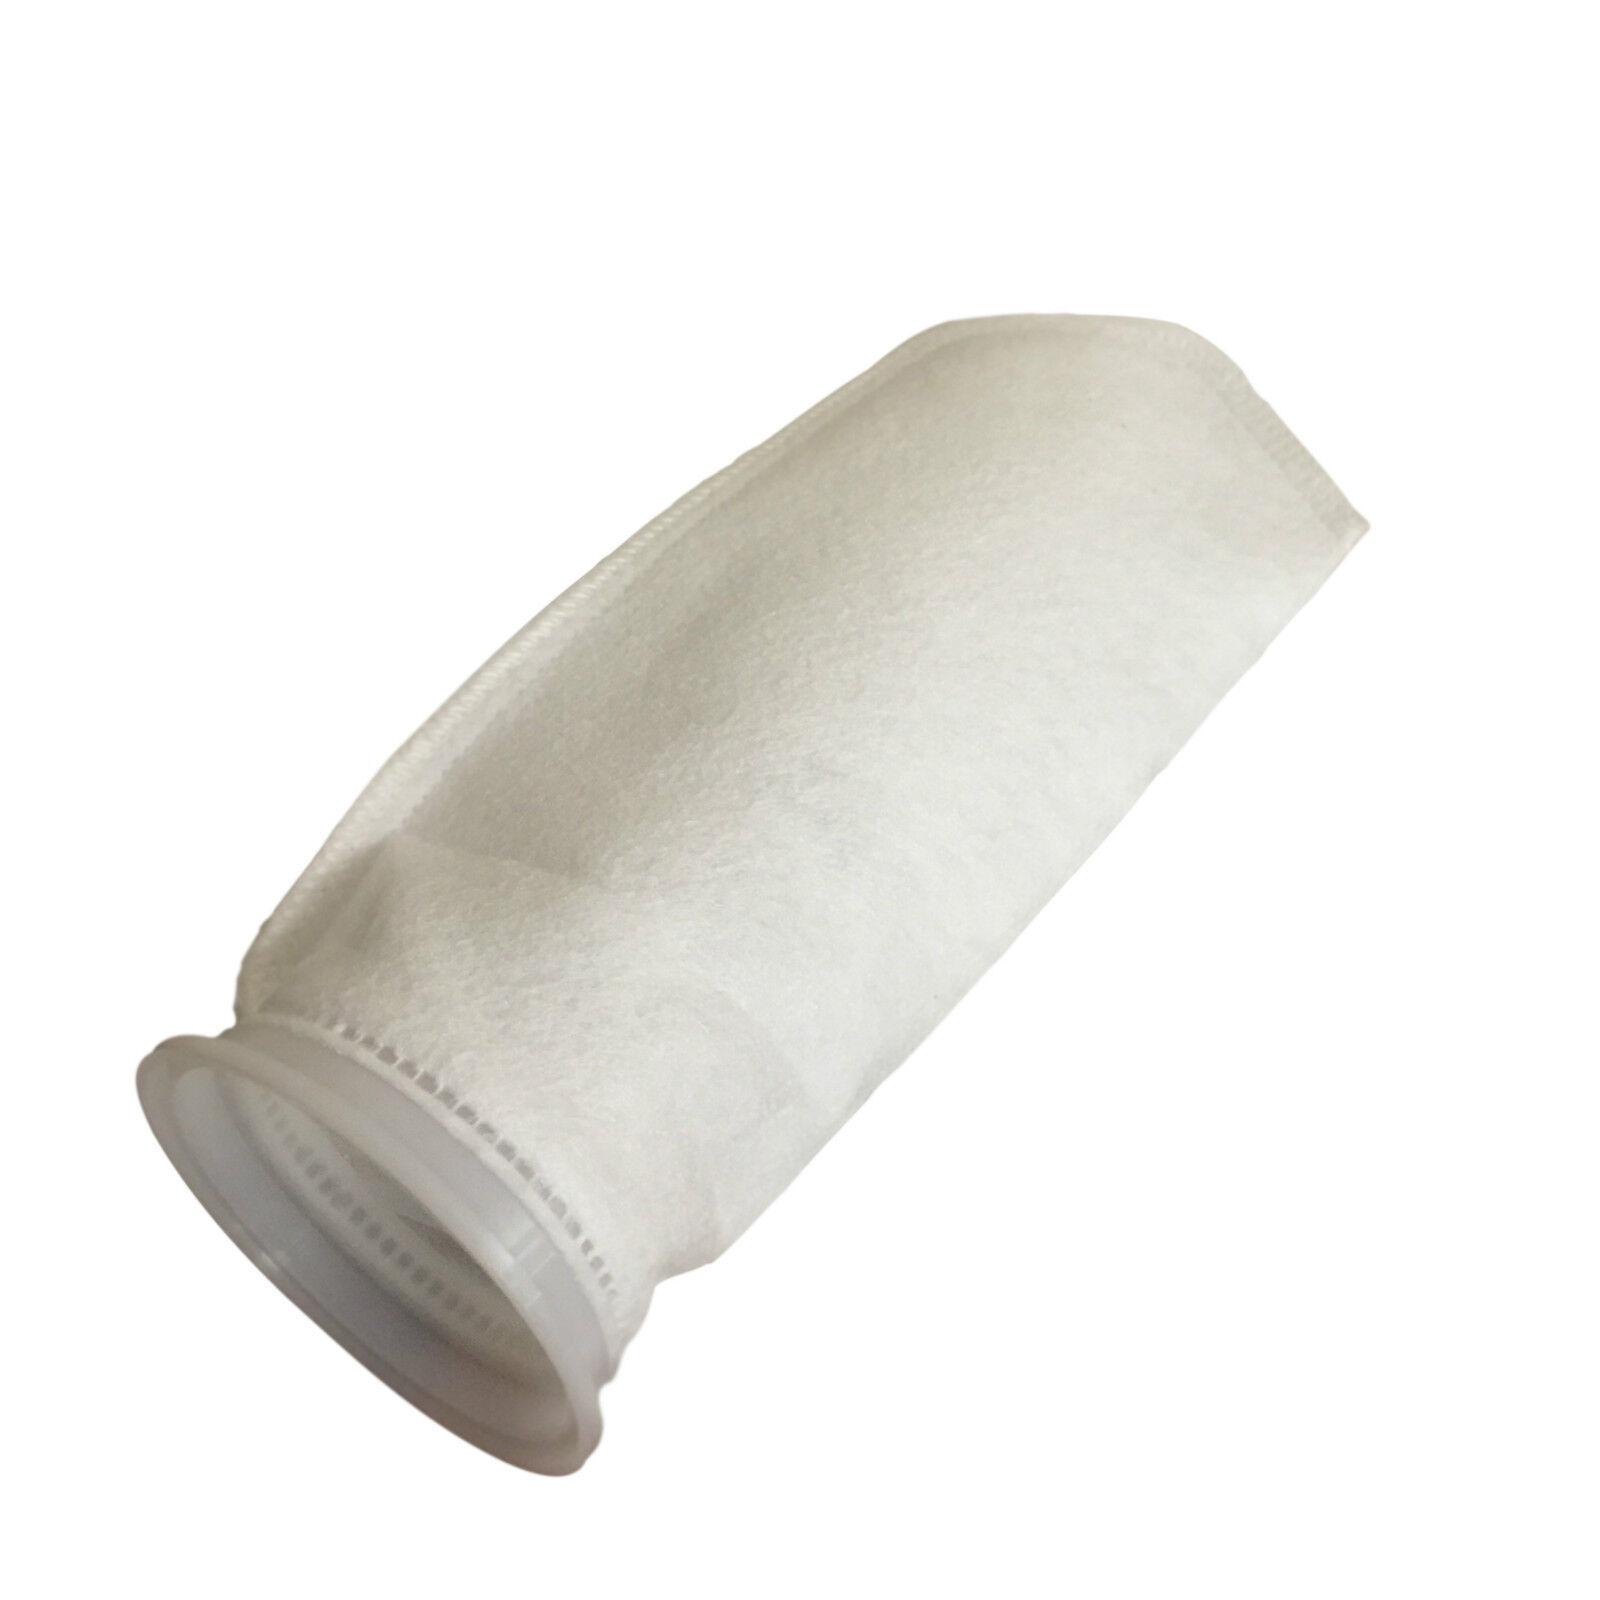 Sfere Filtranti in PVC Filtro Biologico per Acquari E Serbatoi per Pesci 200 x